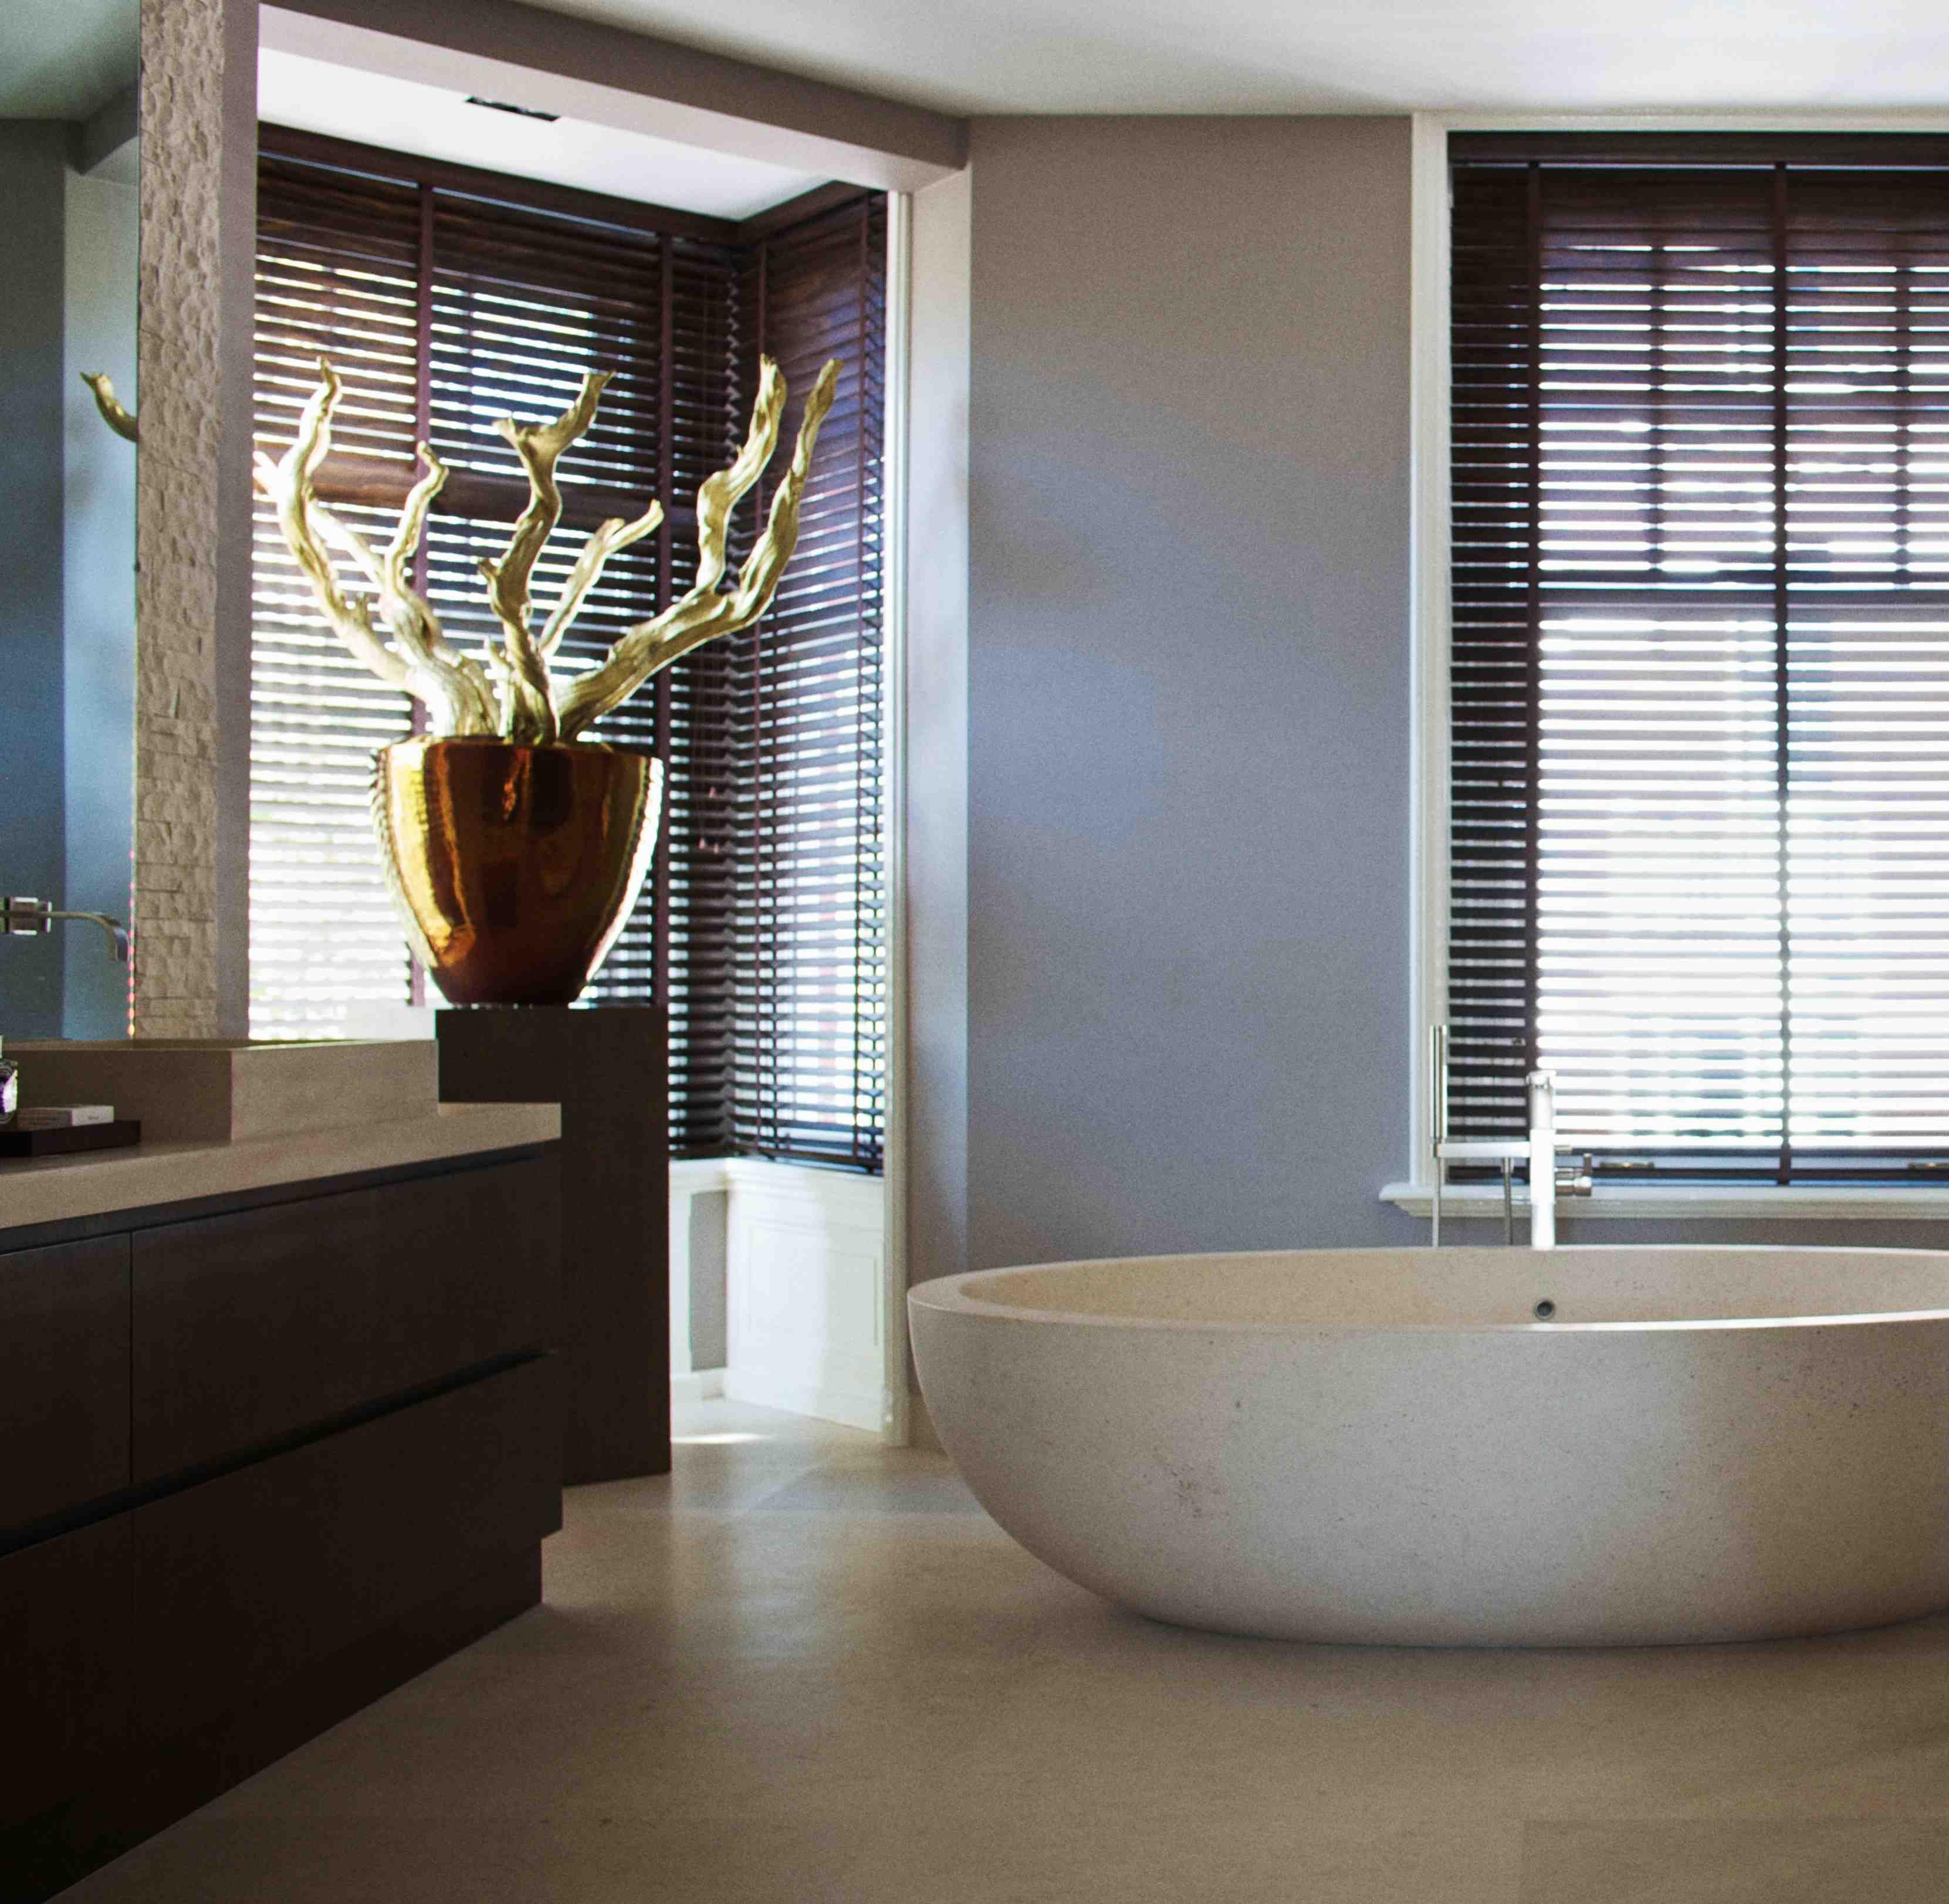 bathroom design by team eric kuster interiordesign badkamer pinterest bad und wohnen. Black Bedroom Furniture Sets. Home Design Ideas